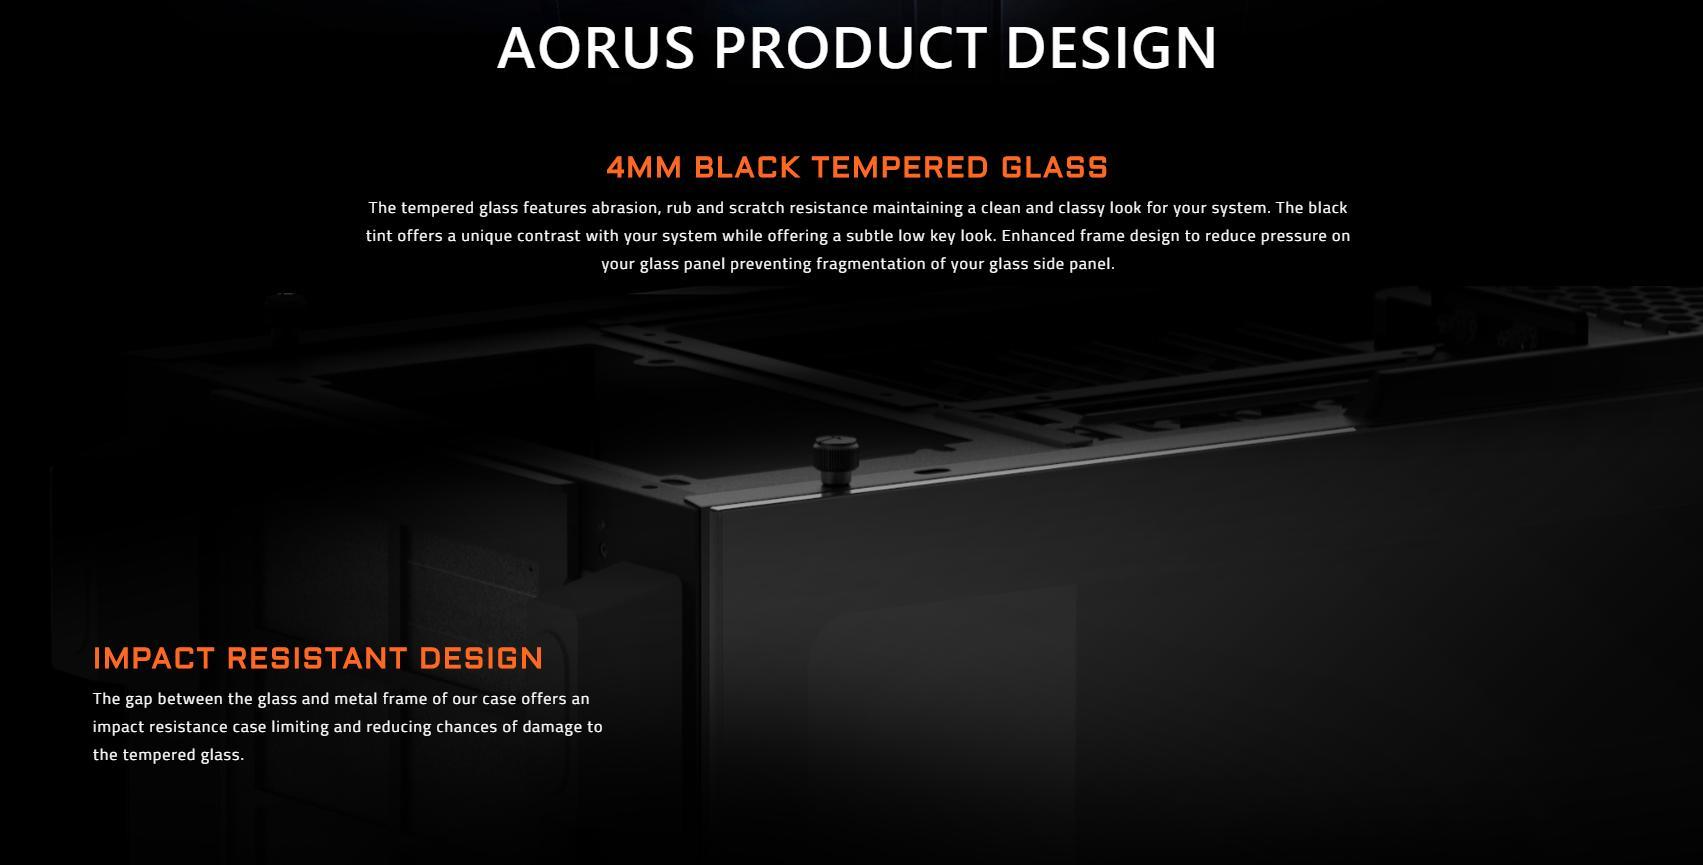 Vỏ Case Gigabyte GB-AC300G Tempered Glass Gaming (Mid Tower/Màu Đen/Led RGB) tương thích với phần mềm RGB Fusion, đồng bộ màu với các thành phần khác của Aorus